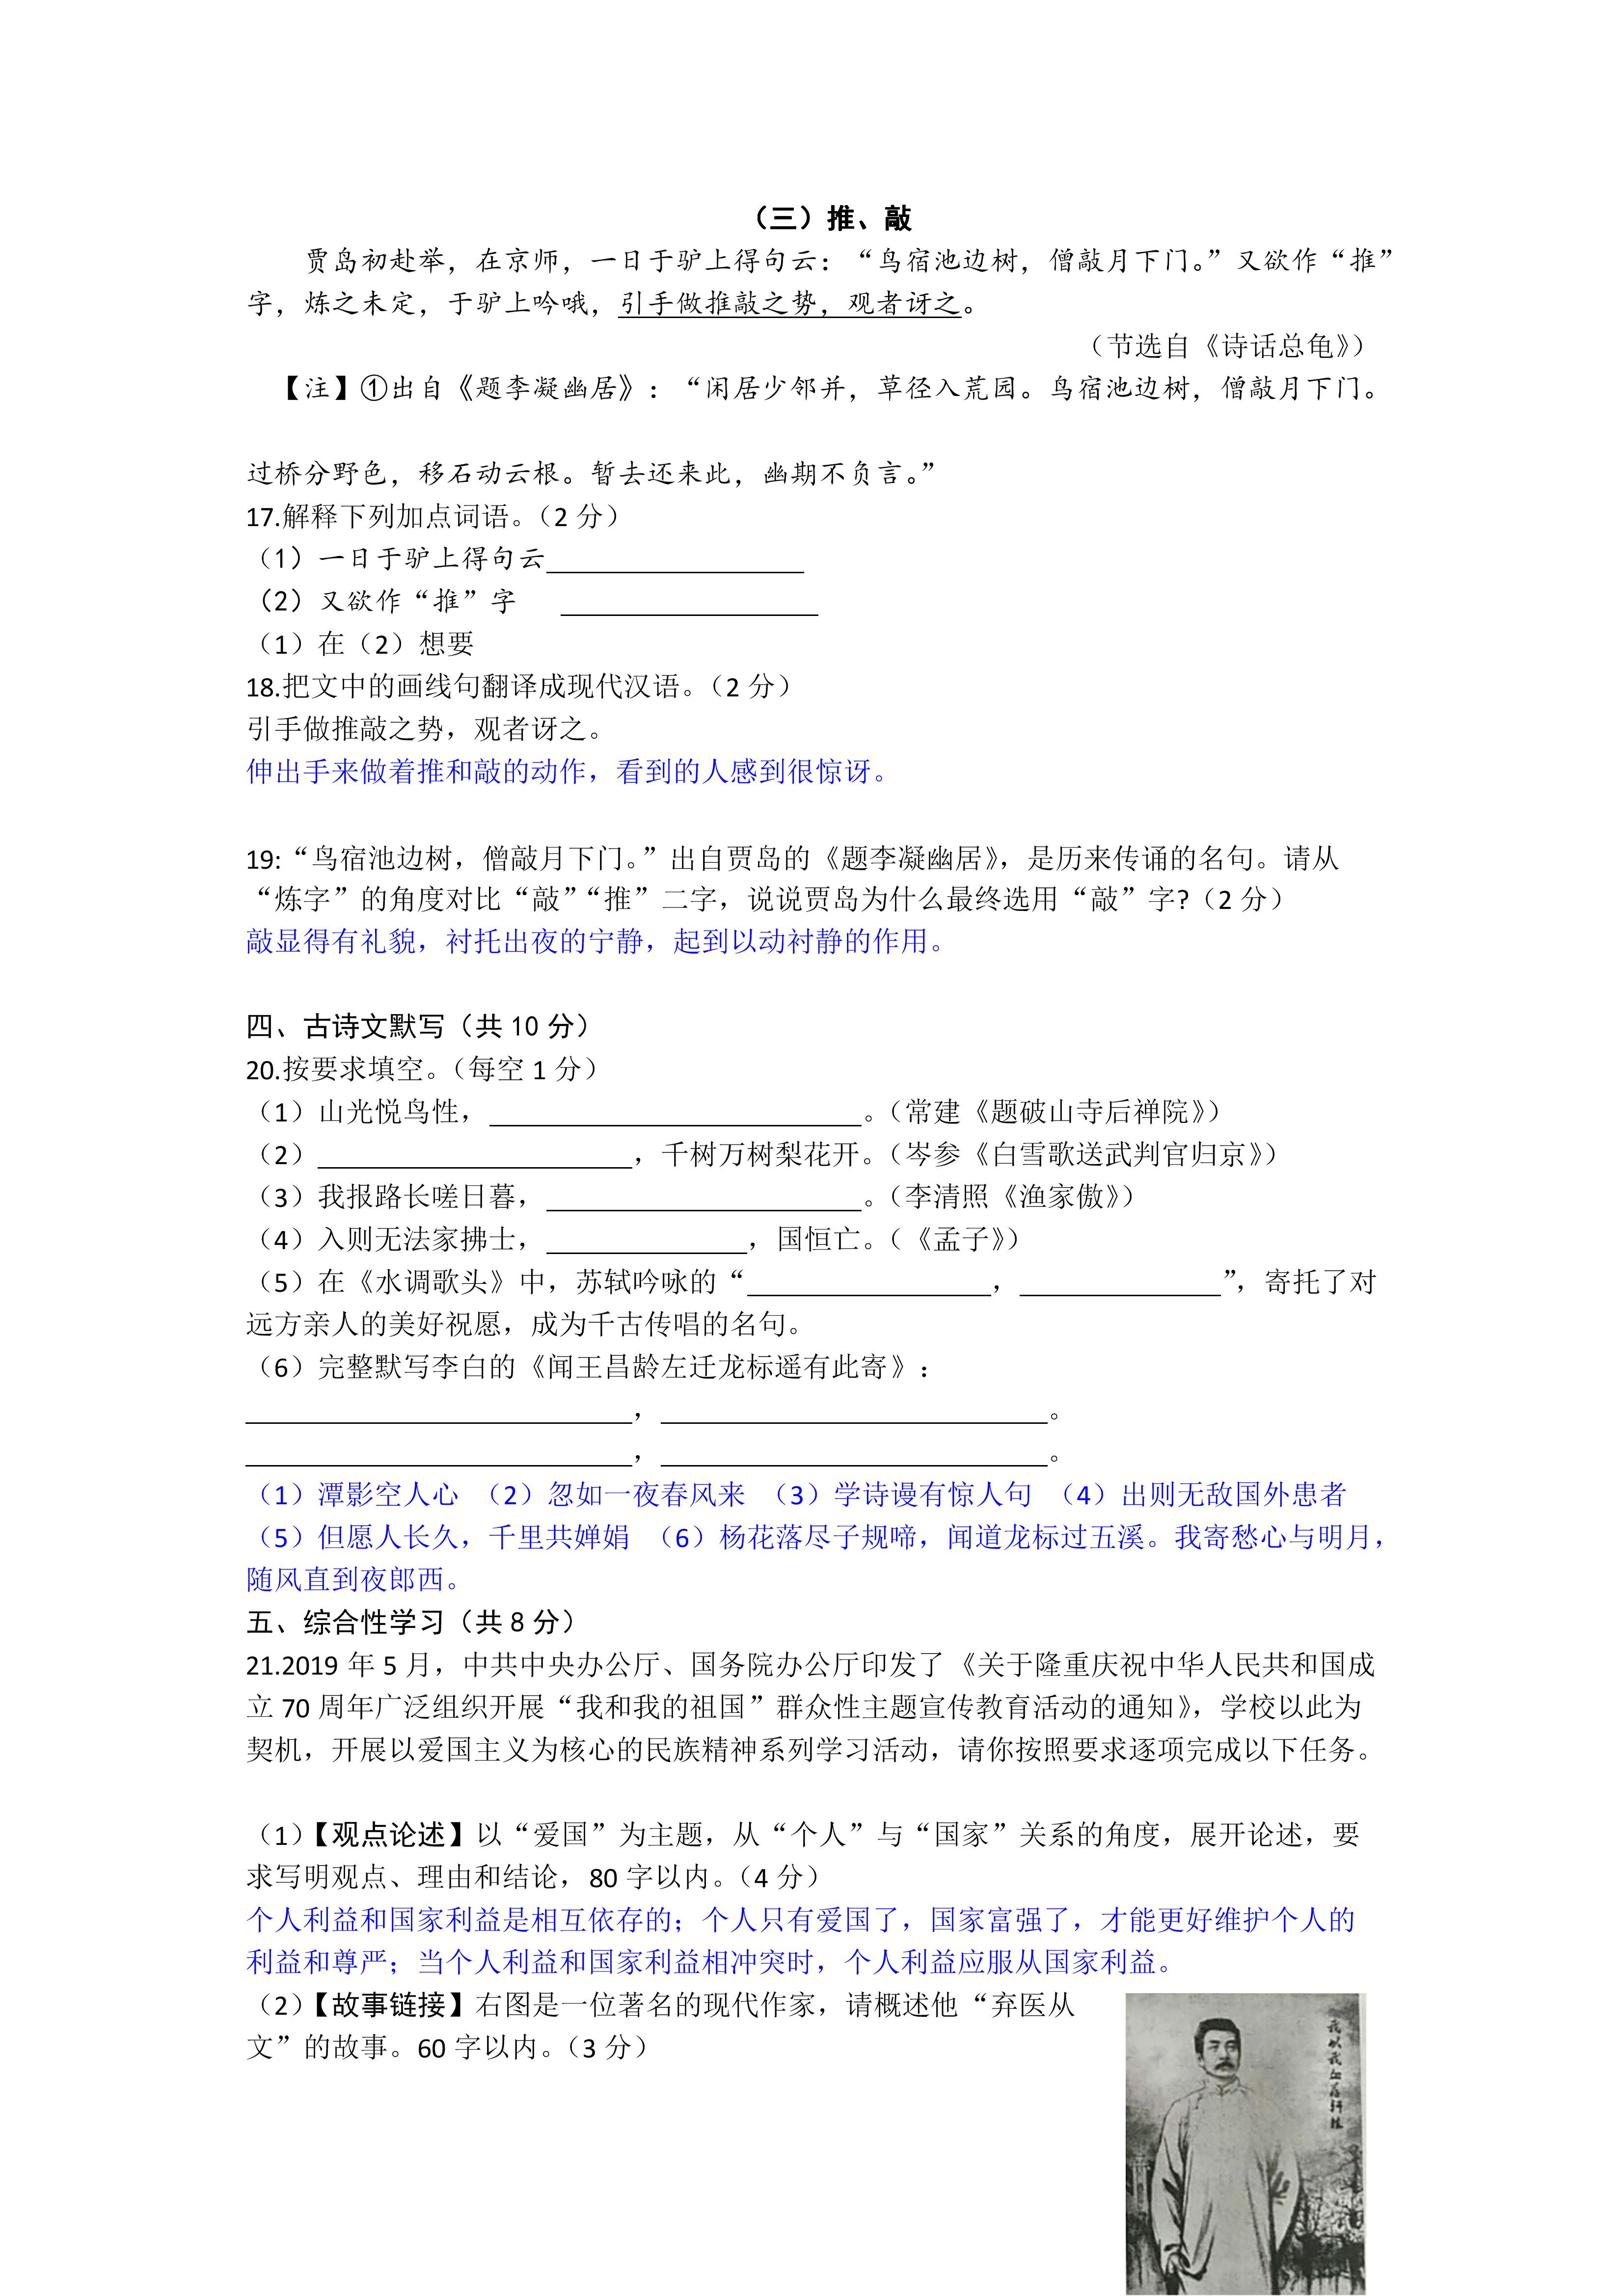 2019年广西玉林中考语文真题及答案【图片版】6.png